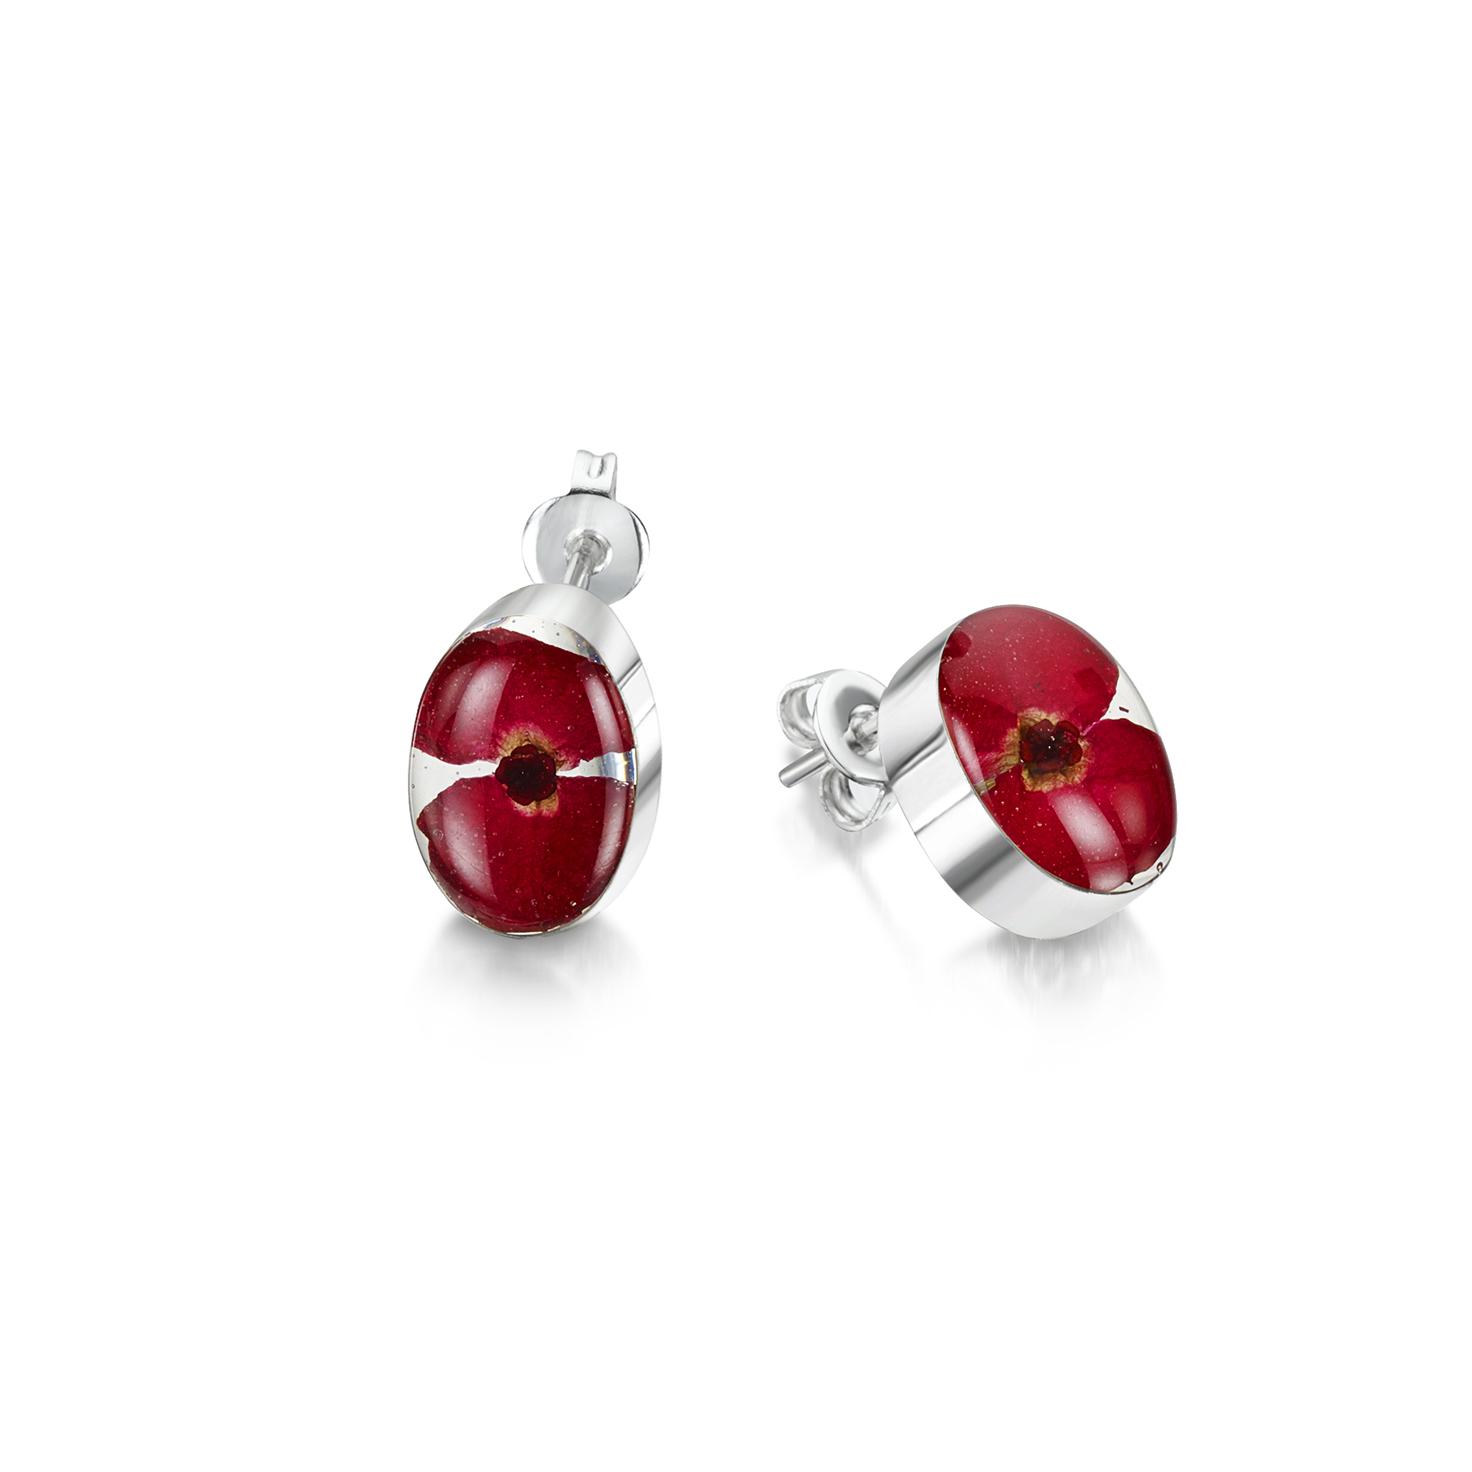 Shrieking Violet – Poppy Sterling Silver Oval Stud Earrings in Gift Box